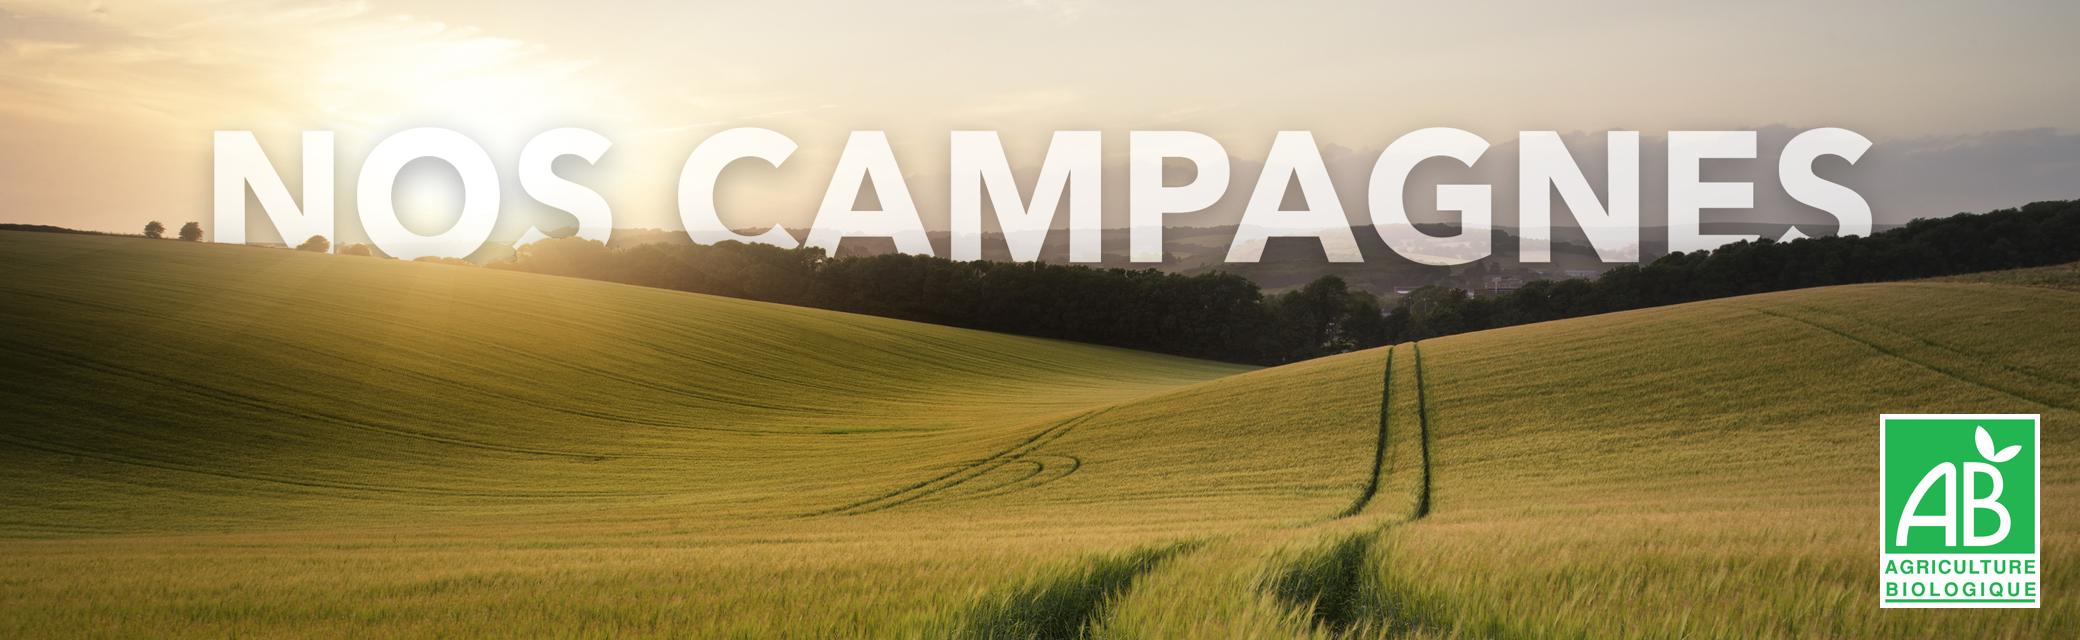 Nos Campagnes